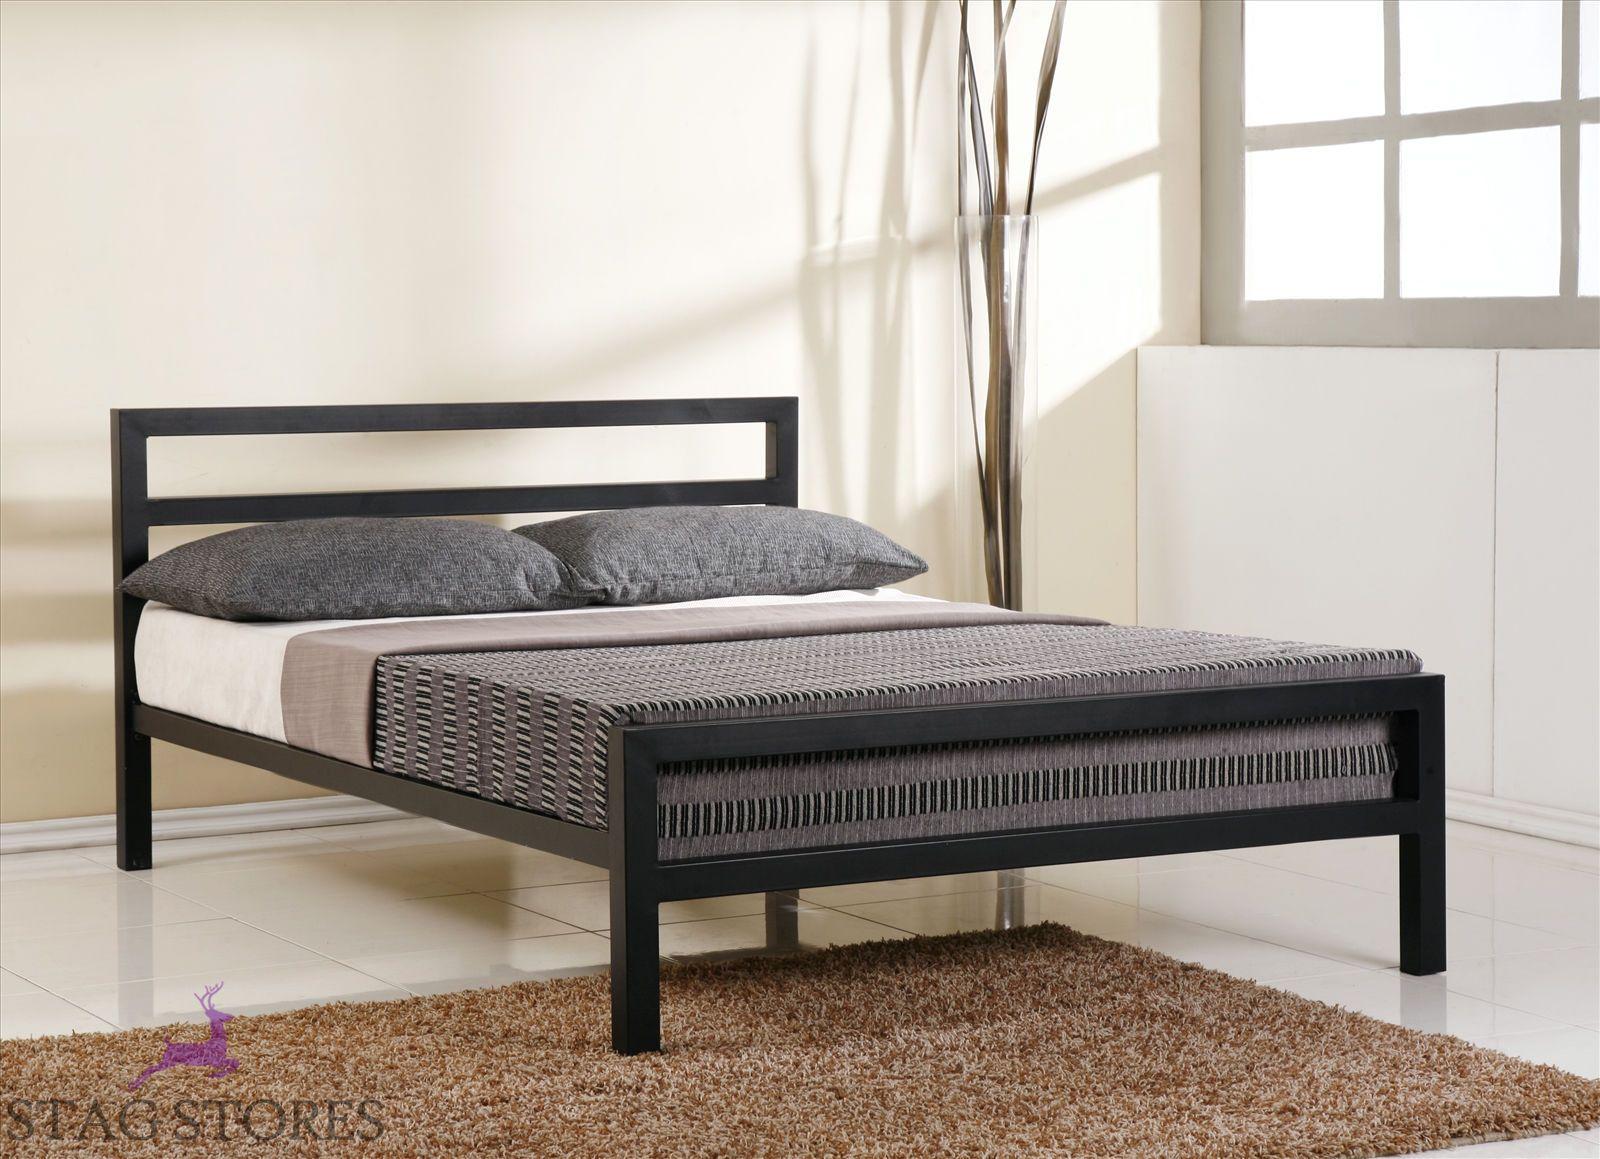 Unique And Strong Iron Platform Bed For Modern Bedroom Em 2020